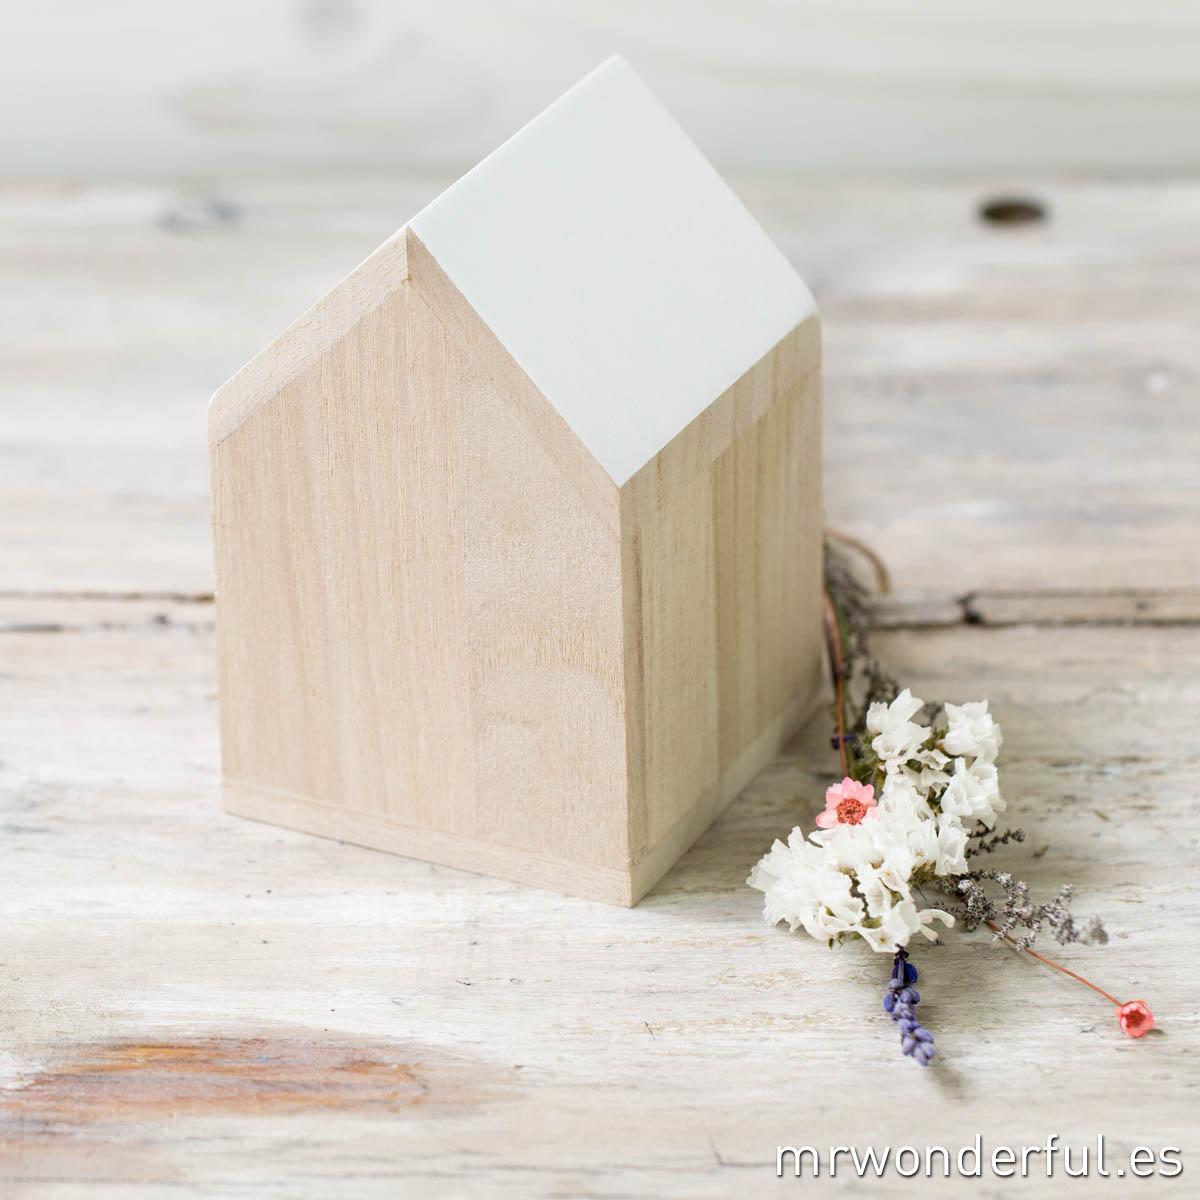 509056_casa-madera_pequena-1